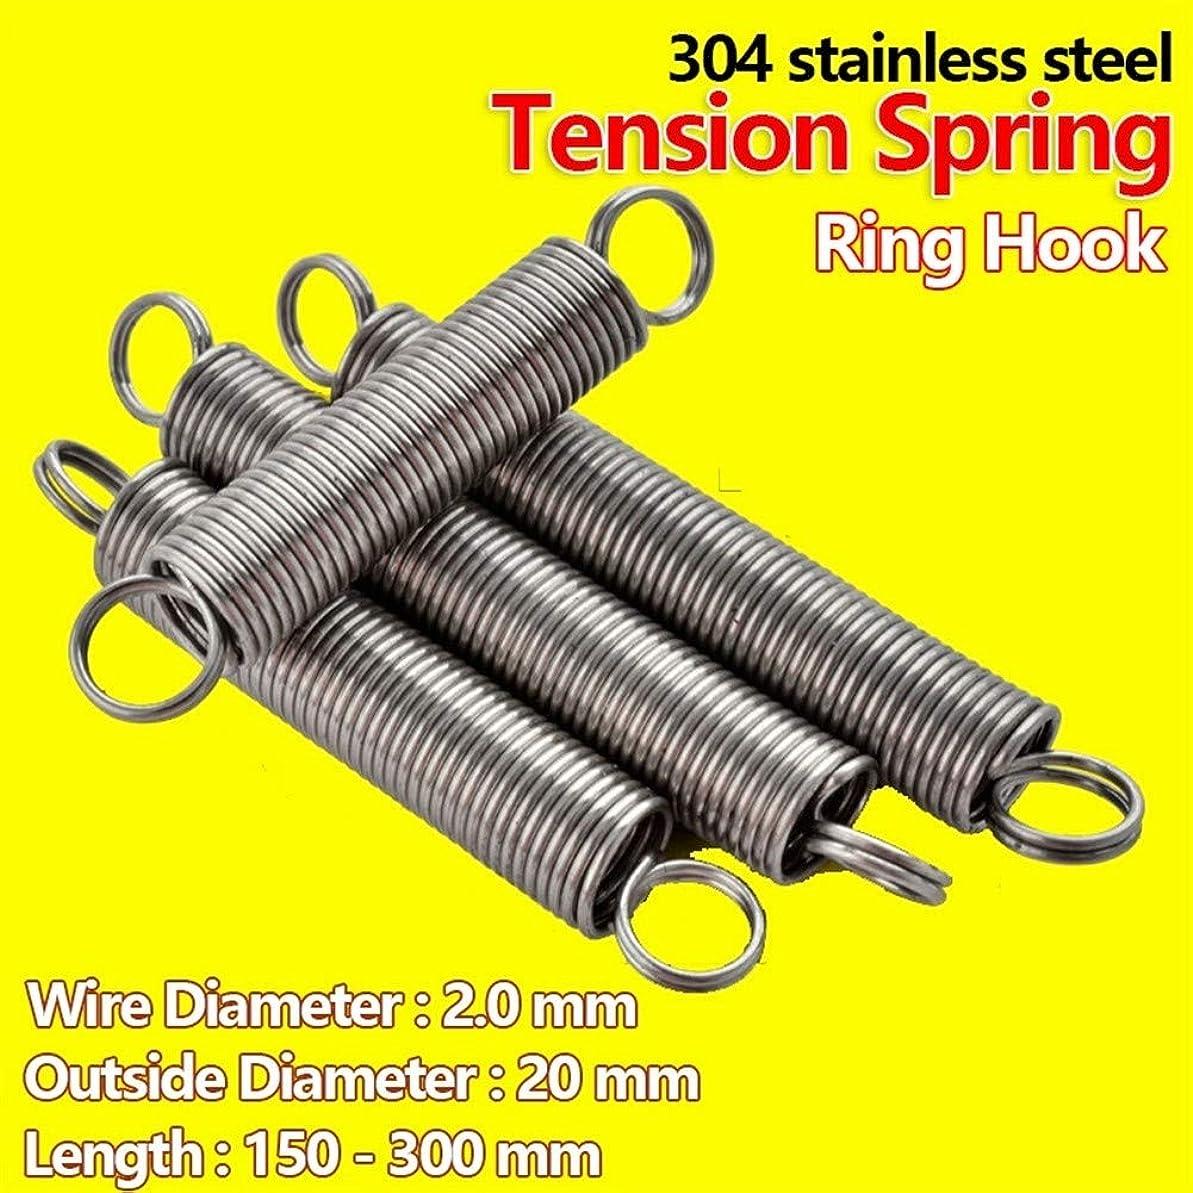 メリーパリティ決してスプリングス リングフック304ステンレス鋼のテンション春拡張コイルスプリングプルバックばね線径2.0ミリメートル外径20ミリメートル 圧縮ばね (Size : 200mm (1Pcs))